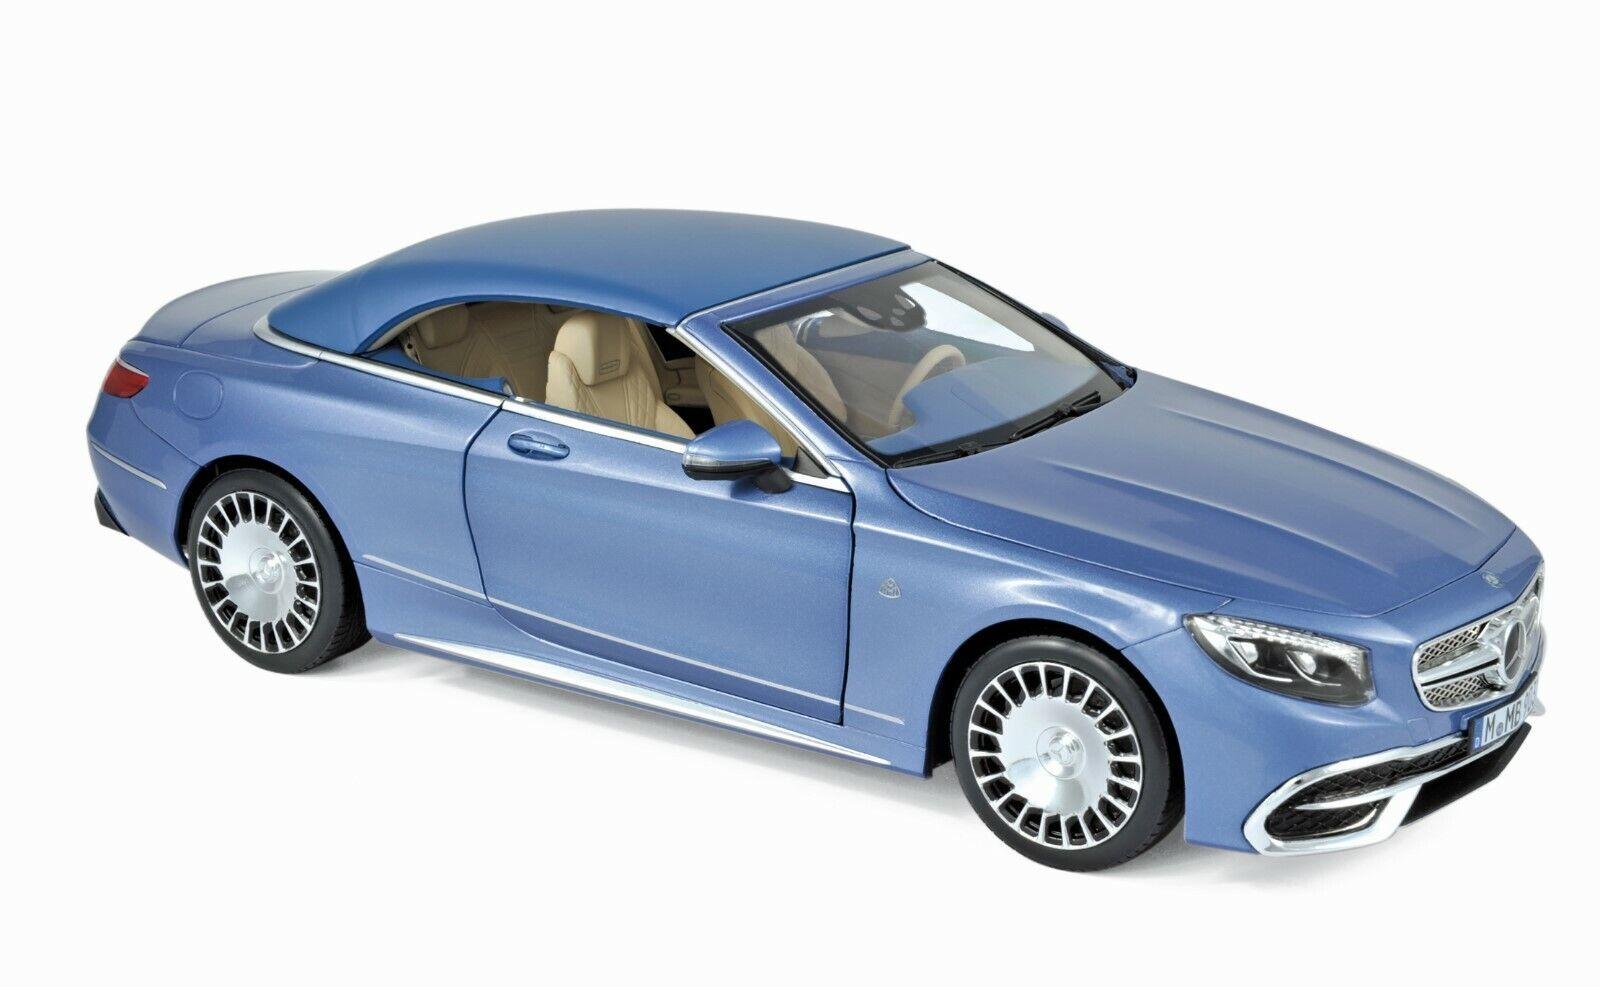 Mercedes-Maybach S 650 Cabriolet Bleu MET. 2018 1 18 Norev 183471 NOUVEAU & NEUF dans sa boîte